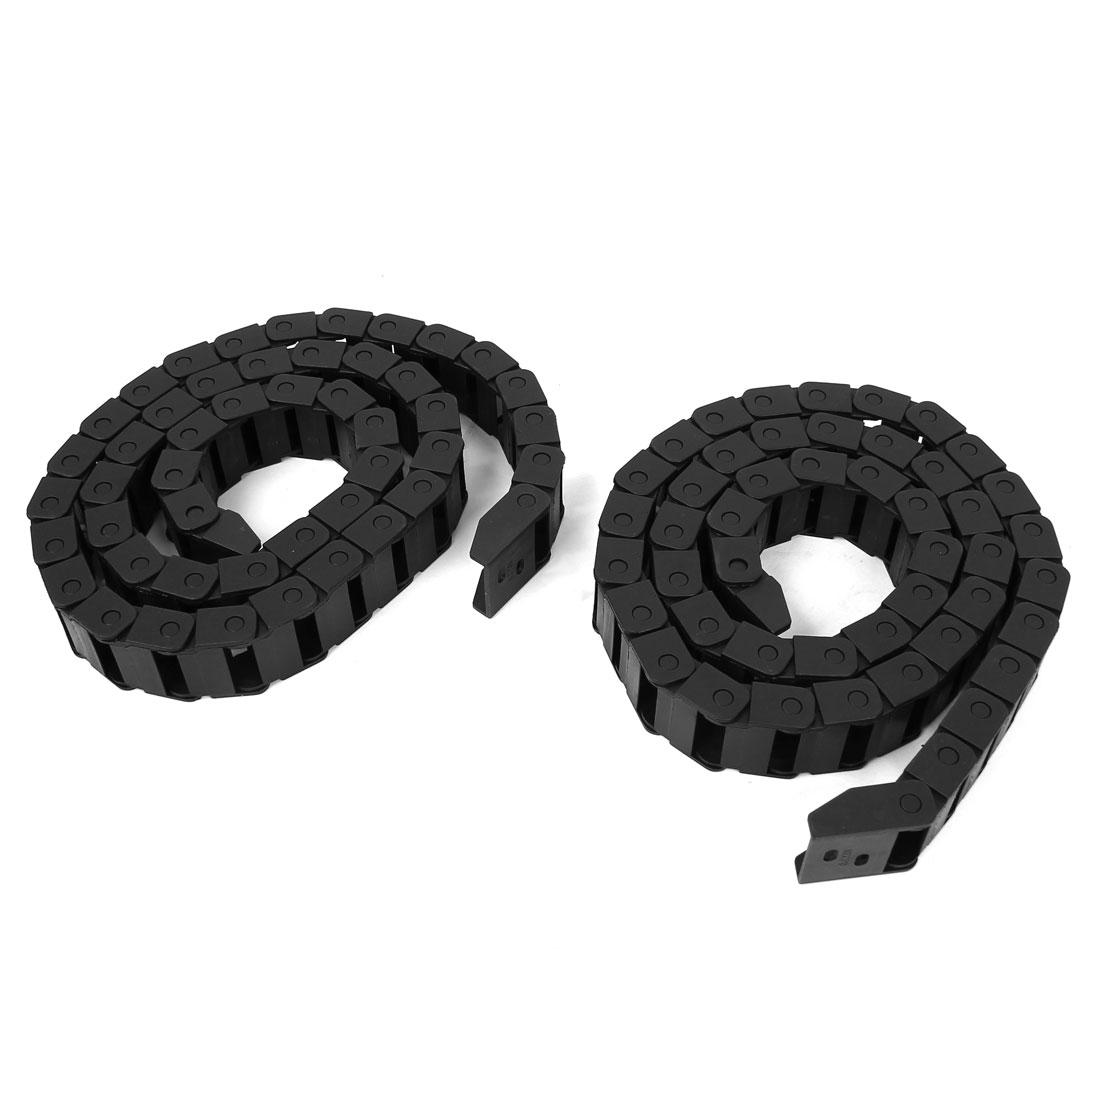 2 Pcs Black Plastic Drag Chain Cable Carrier 10 x 20mm for CNC Machine